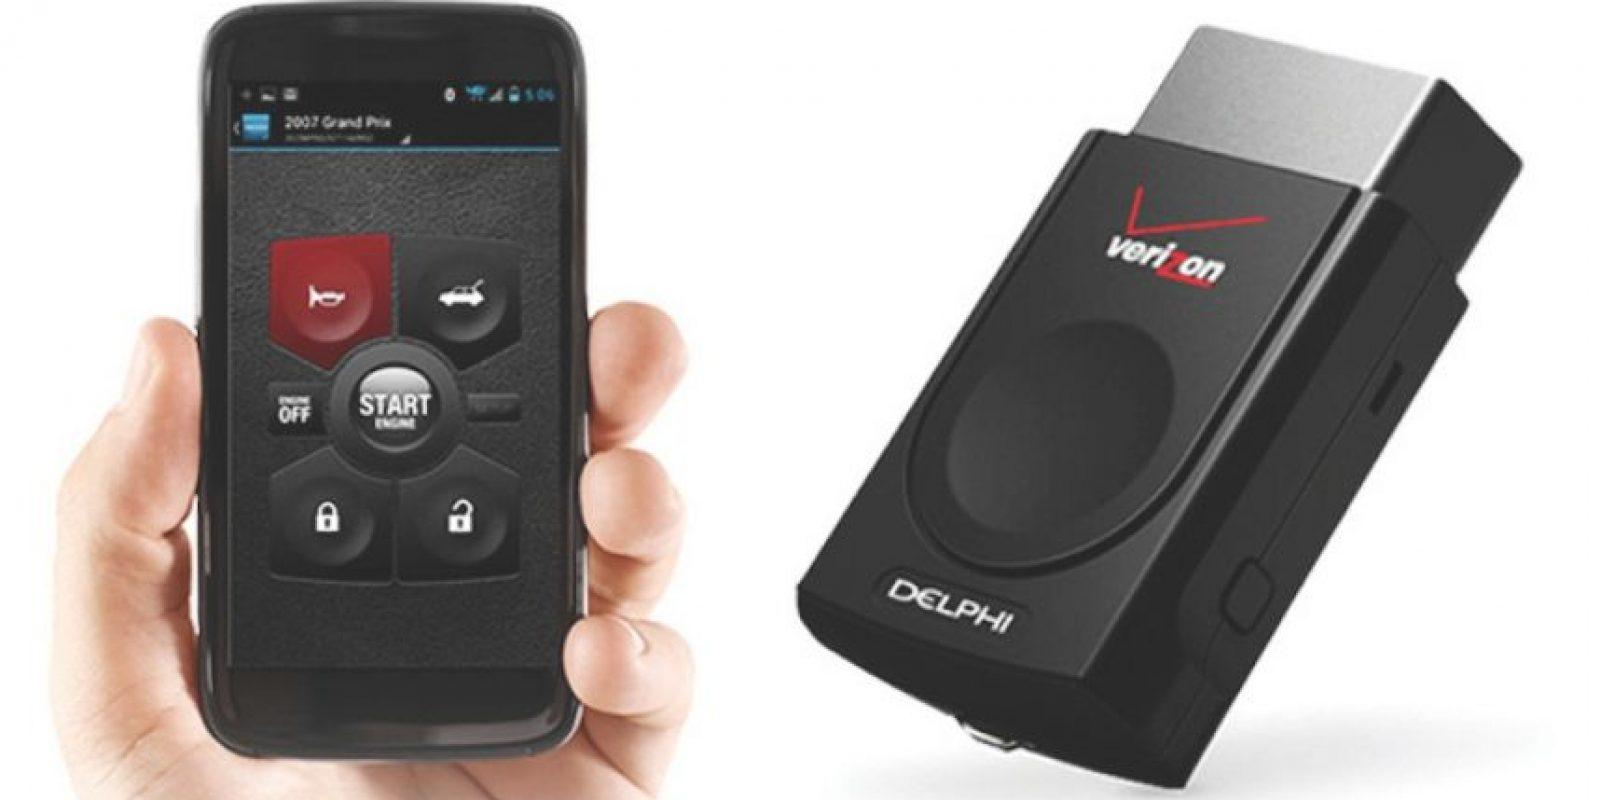 Delphi, diagnóstico de vehículos Foto:Verizonwireless.com